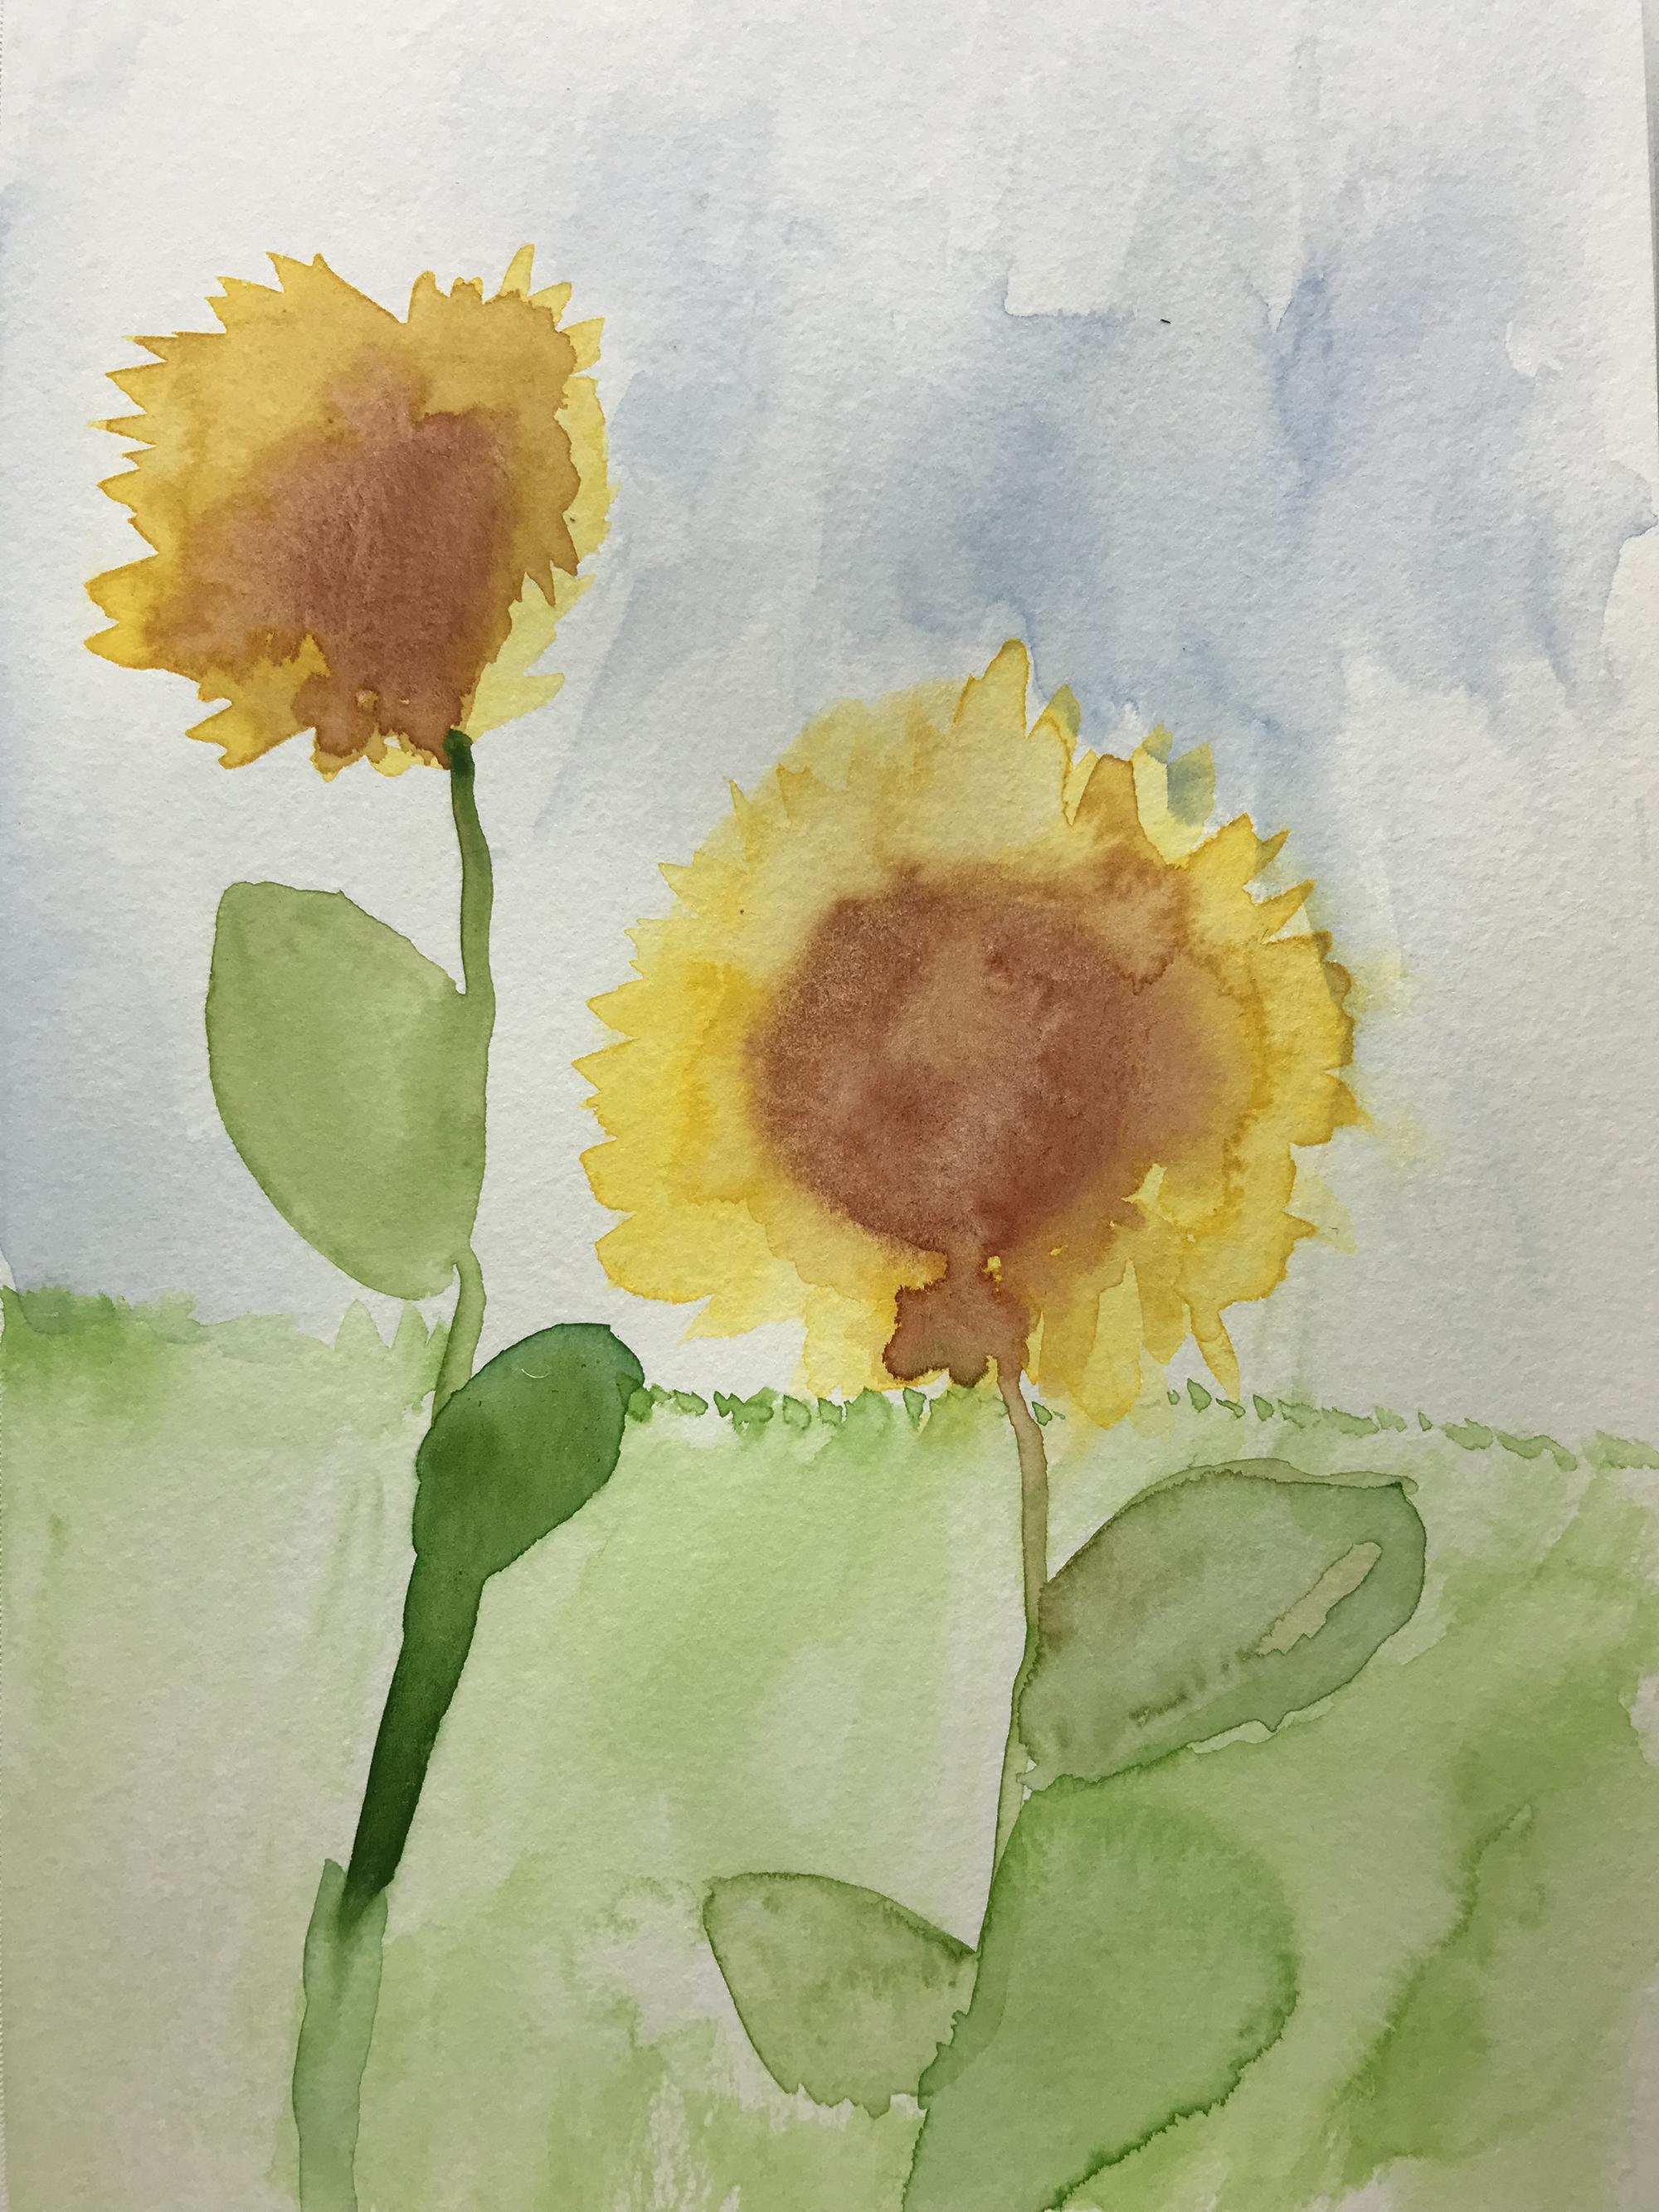 1st. Oliver Stadtner, Sunflowers